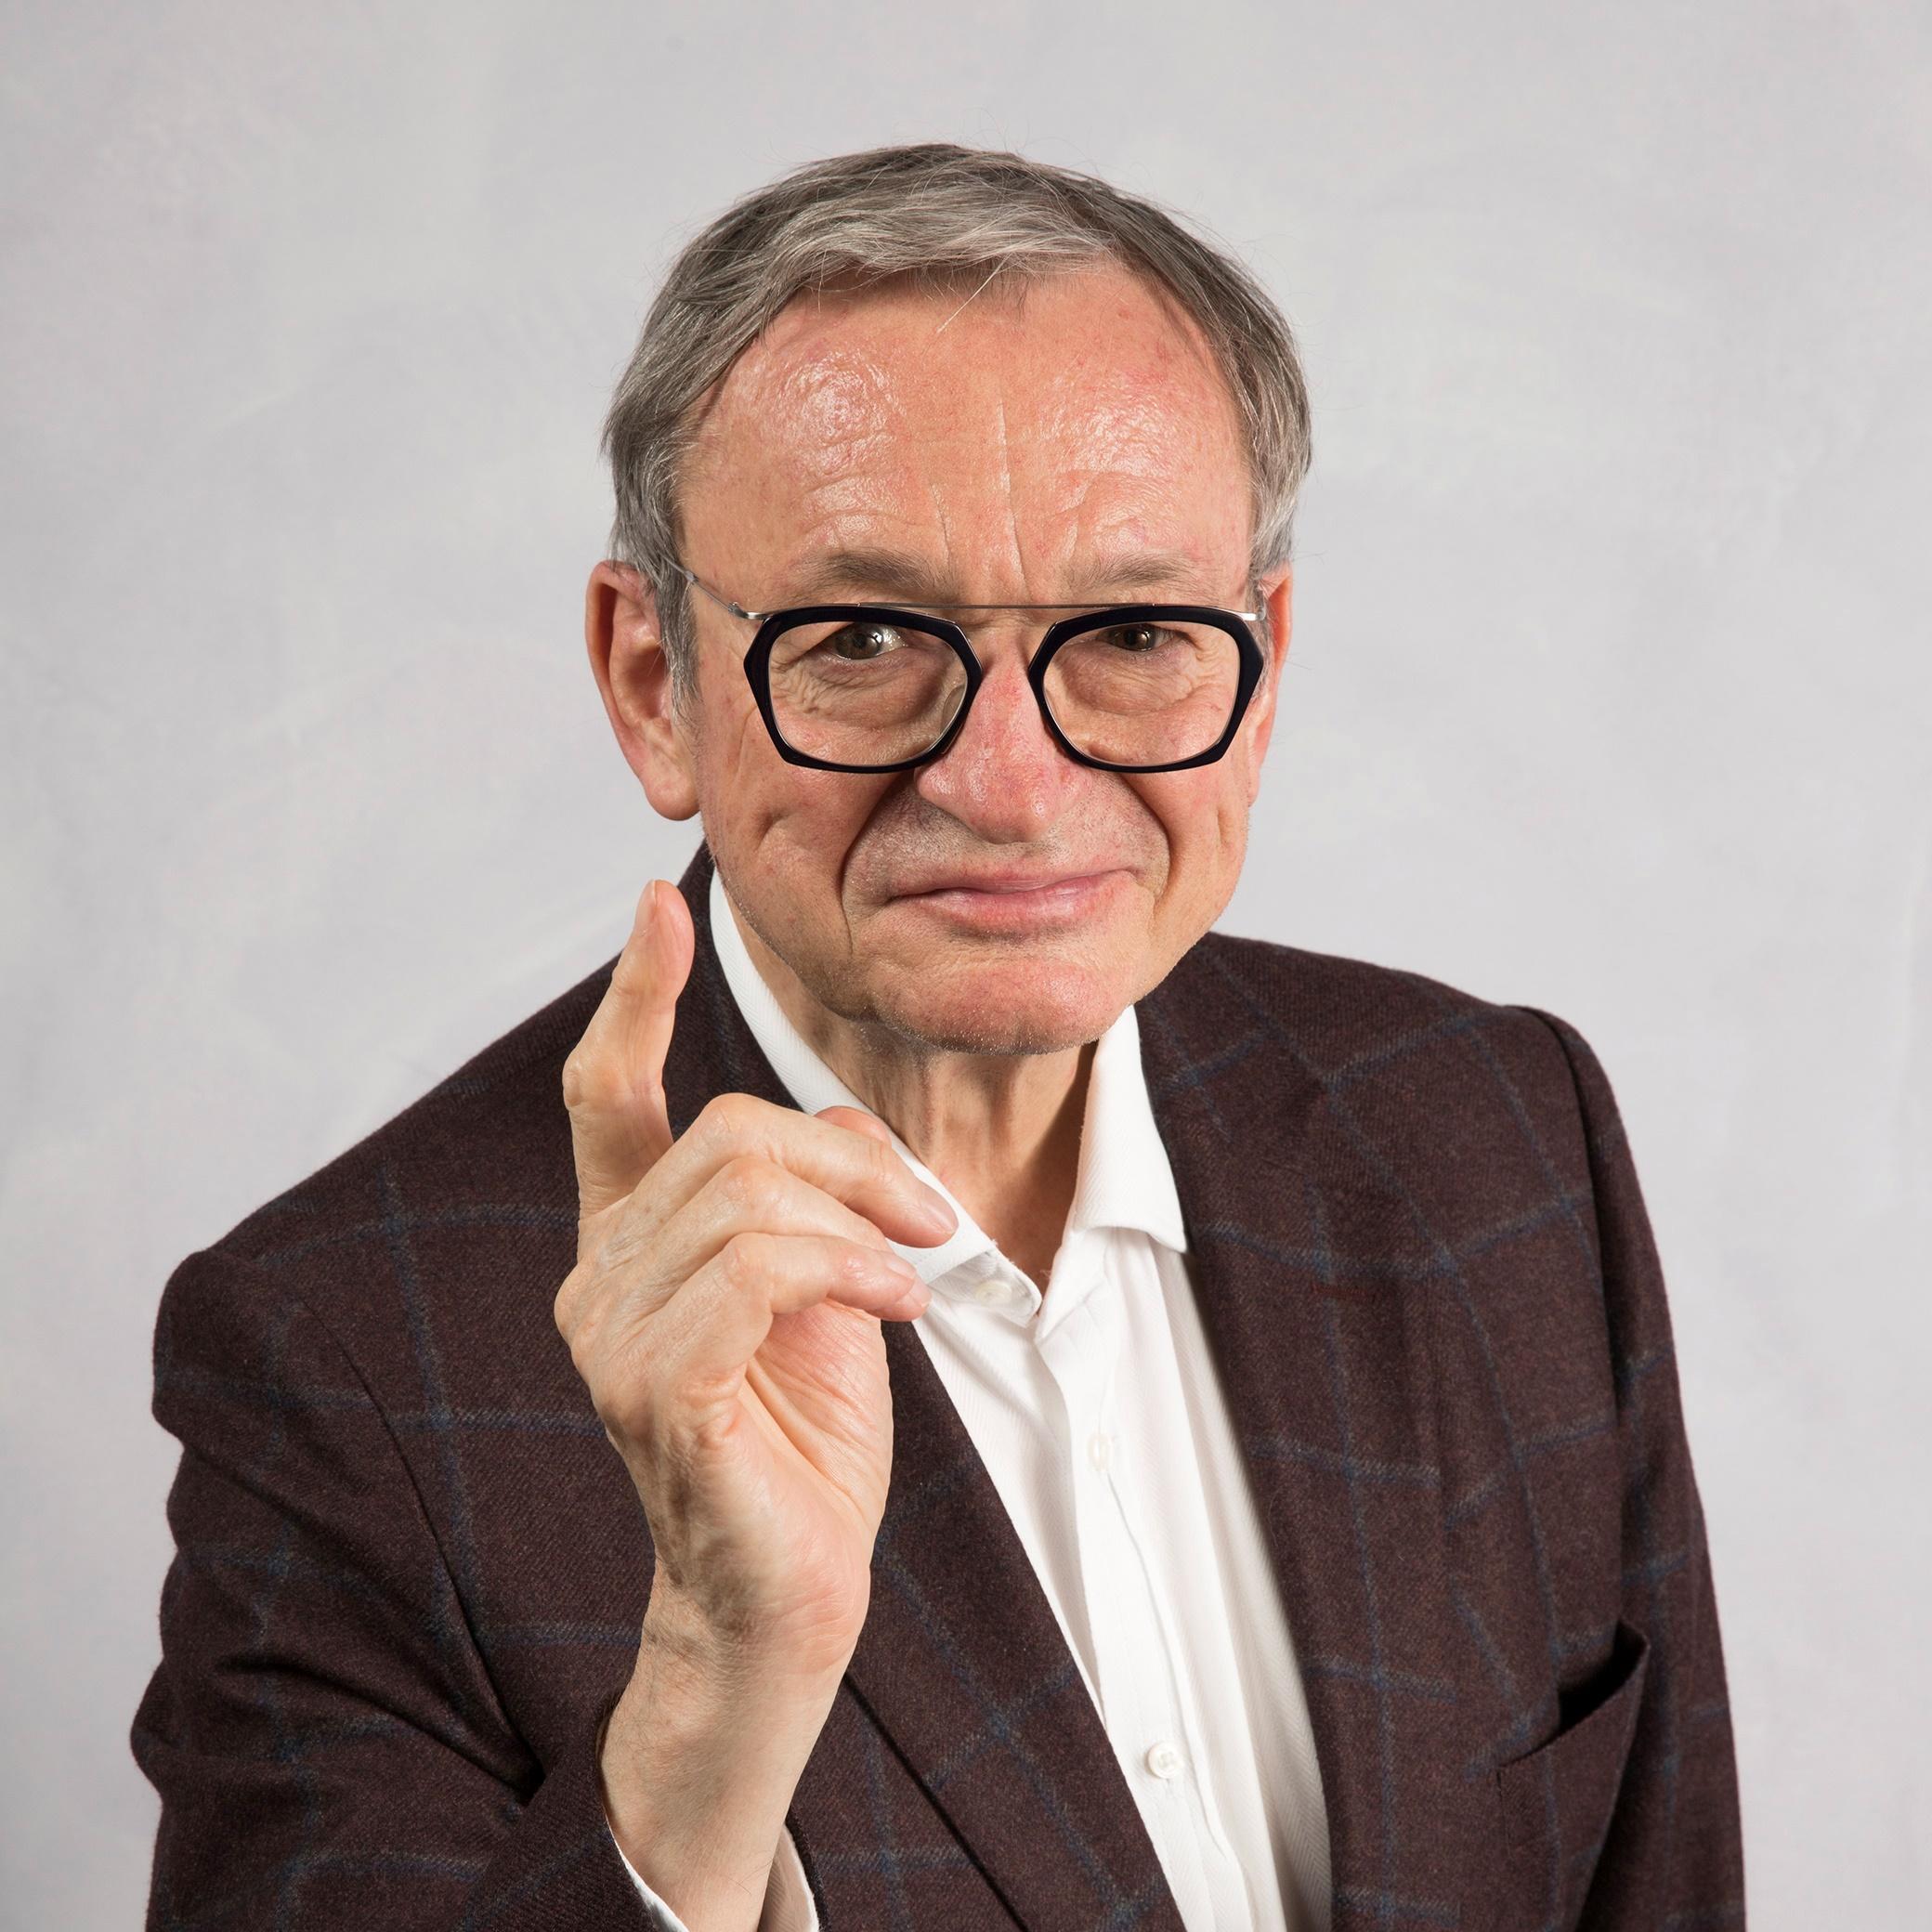 Portrait de Jean-Luc PETITRENAUD - auteur présent au Salon du Livre de Royat-Chamalières 2019